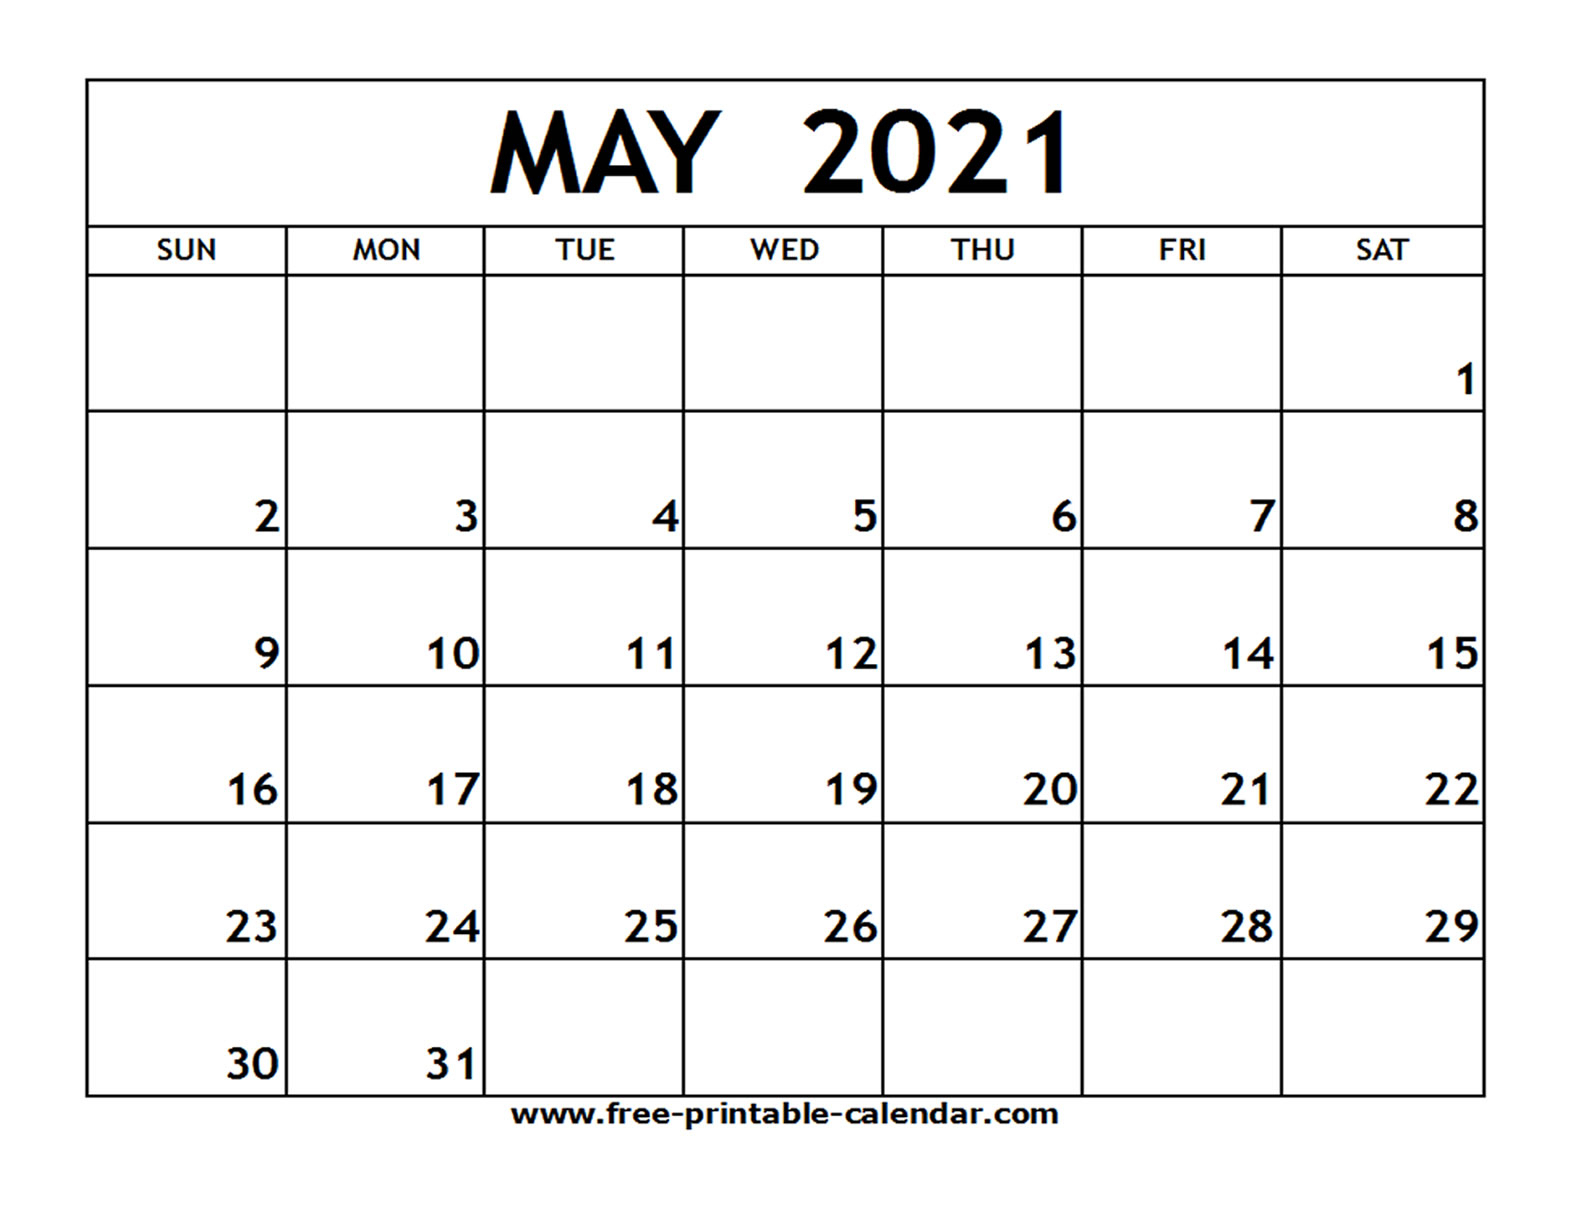 2021 Calendar Printable Pdf May | Free Printable Calendar inside Blank 2021 Calendar Printable Free